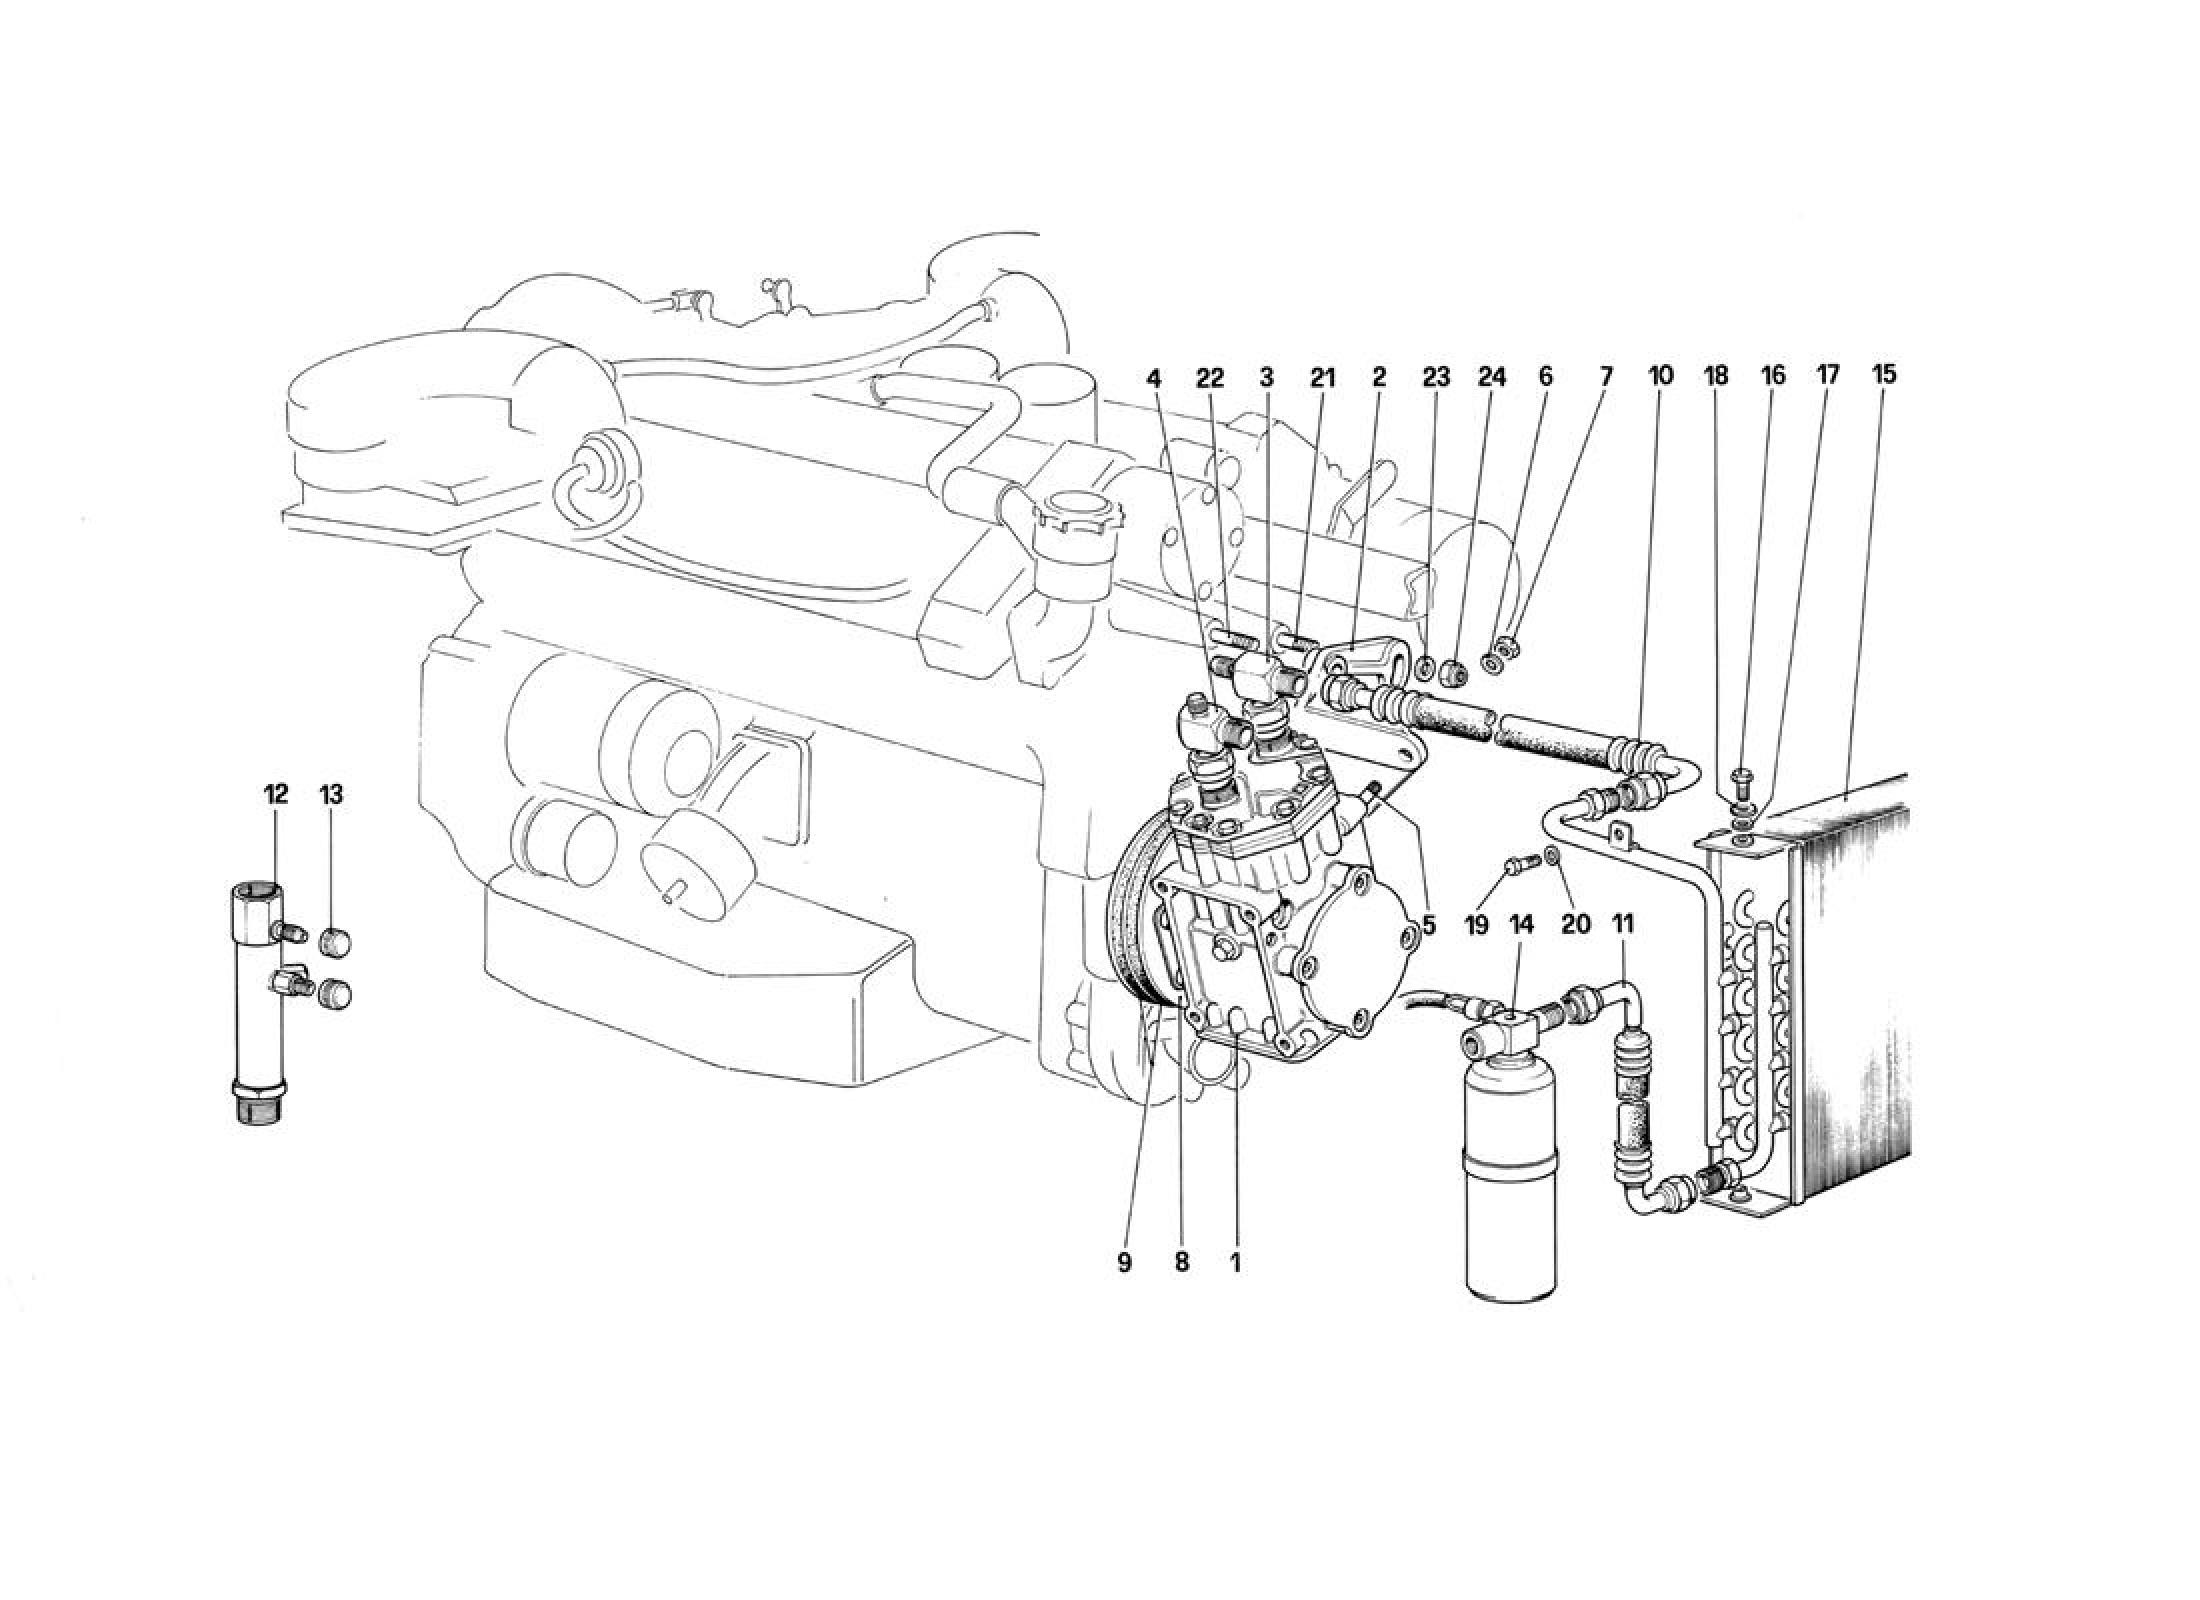 Ferrari 412 Air Conditioning System